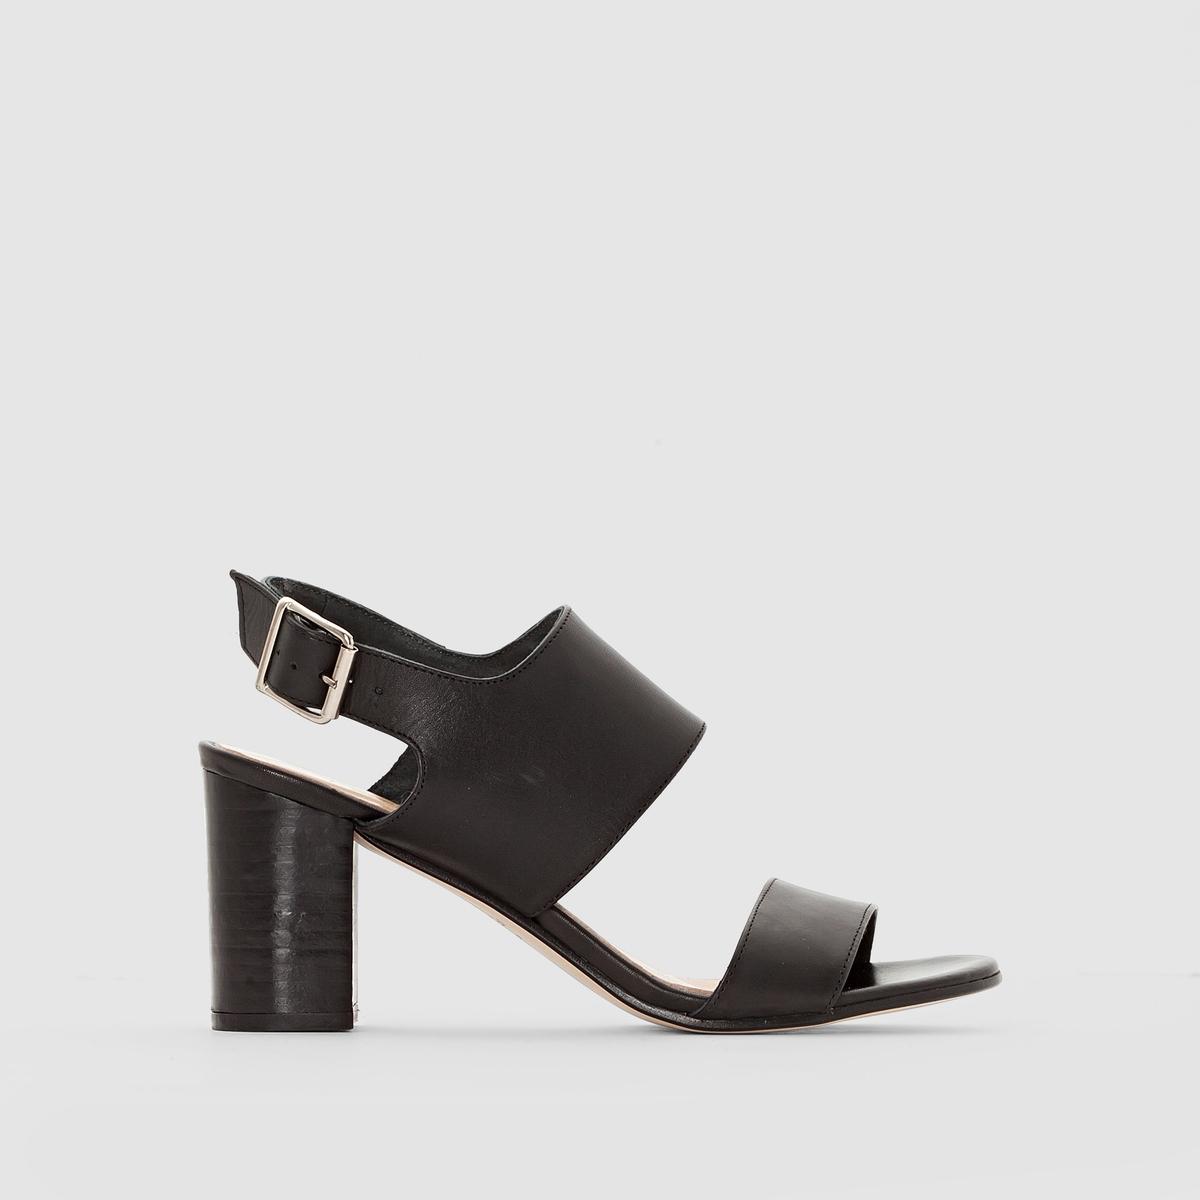 Босоножки из кожи на каблукеБосоножки из кожи на каблуке, Diaz от JONAK        Верх: коровья кожа. Подкладка: кожа.   Стелька: кожа.   Подошва: из эластомера. Застежка: ремешок с пряжкой.Высота каблука: 7 см.  Эти женственные кожаные босоножки покорят вас универсальностью своего дизайна: они одинаково хорошо смотрятся в офисе и на пляже, во время прогулок по городу и веселых вечеринок. Сочетая их с джинсами или летним платьем: вы не перестанете благодарить марку Jonak за эту модель обуви !<br><br>Цвет: коньячный,черный<br>Размер: 36.37